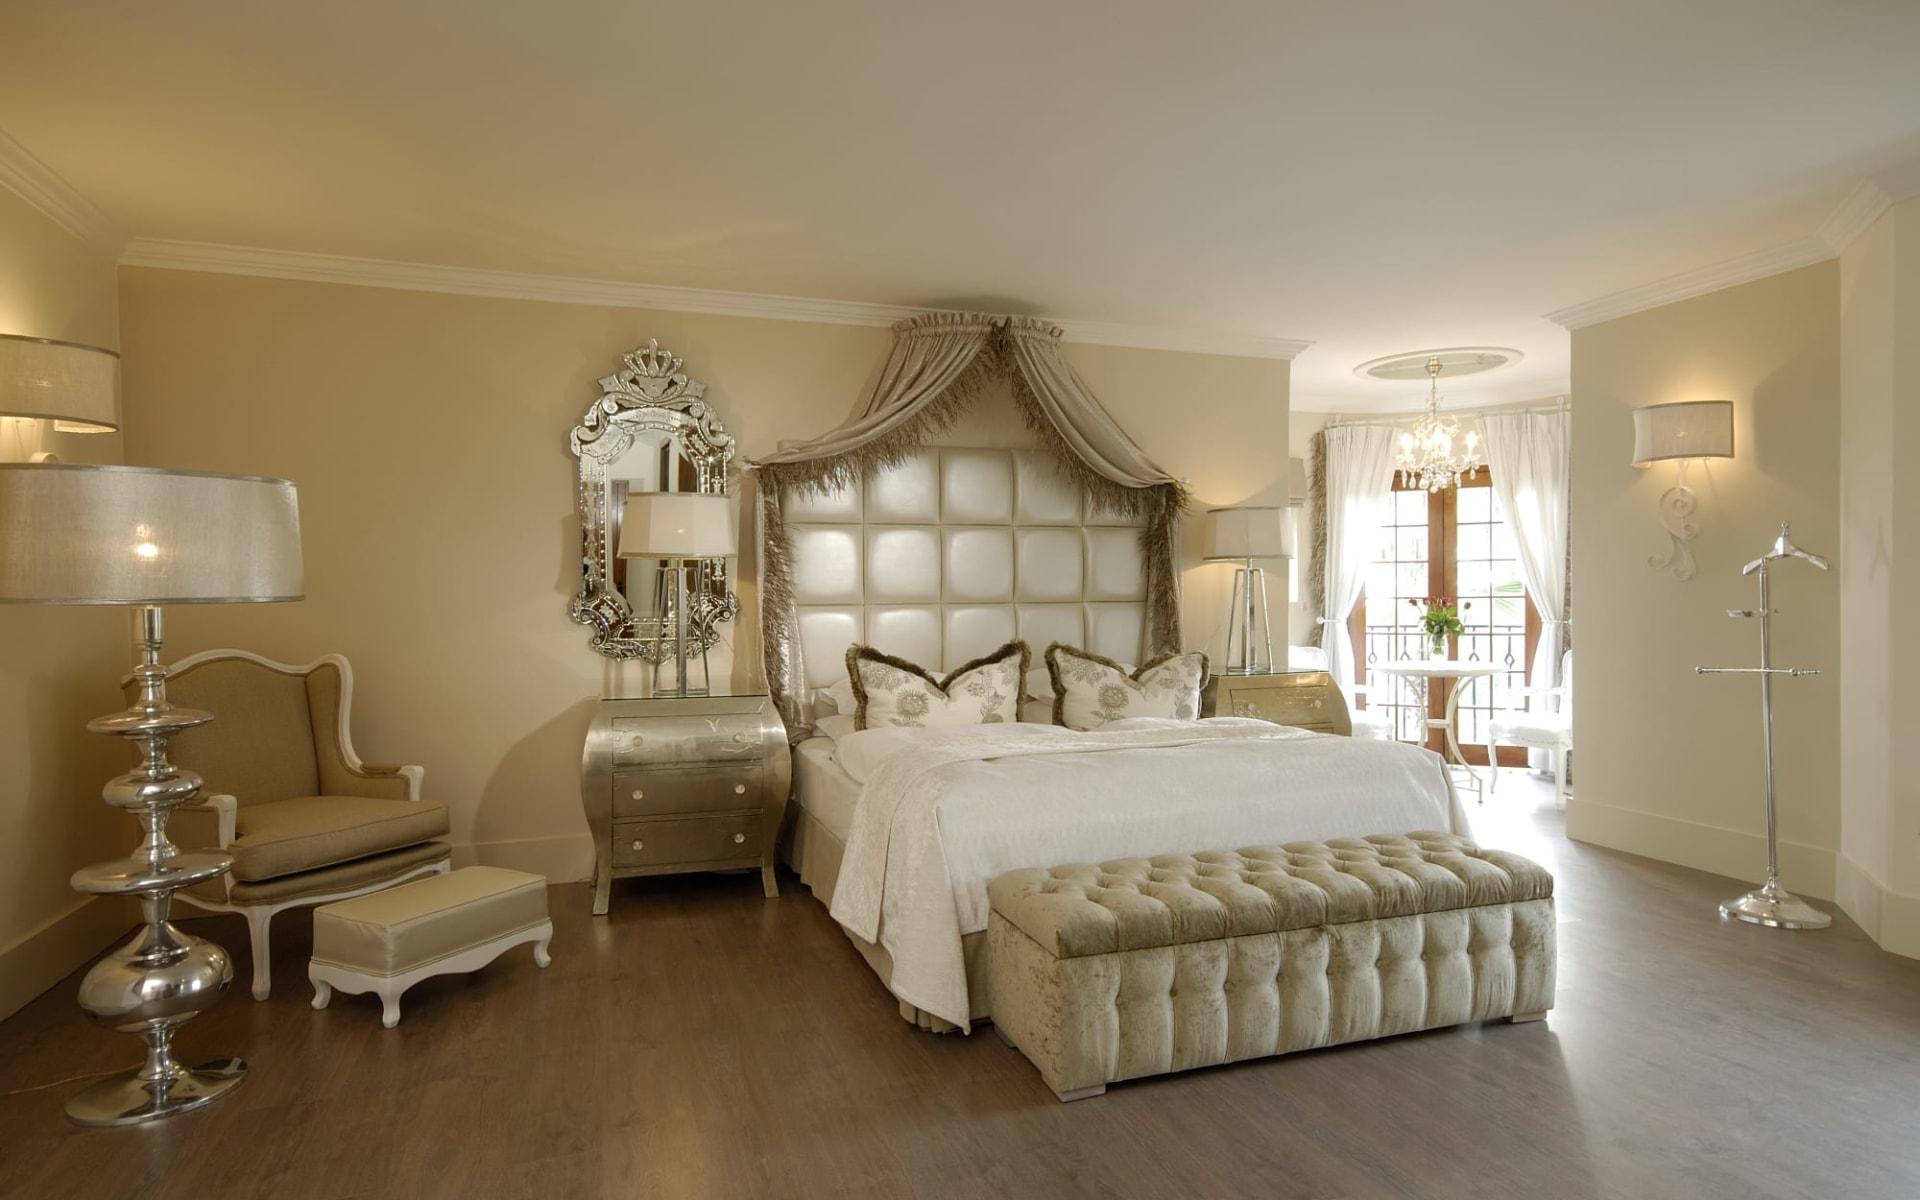 Hotel Heinitzburg in Windhoek Stadt:  Heinitzburg Hotel - Zimmer mit Bett